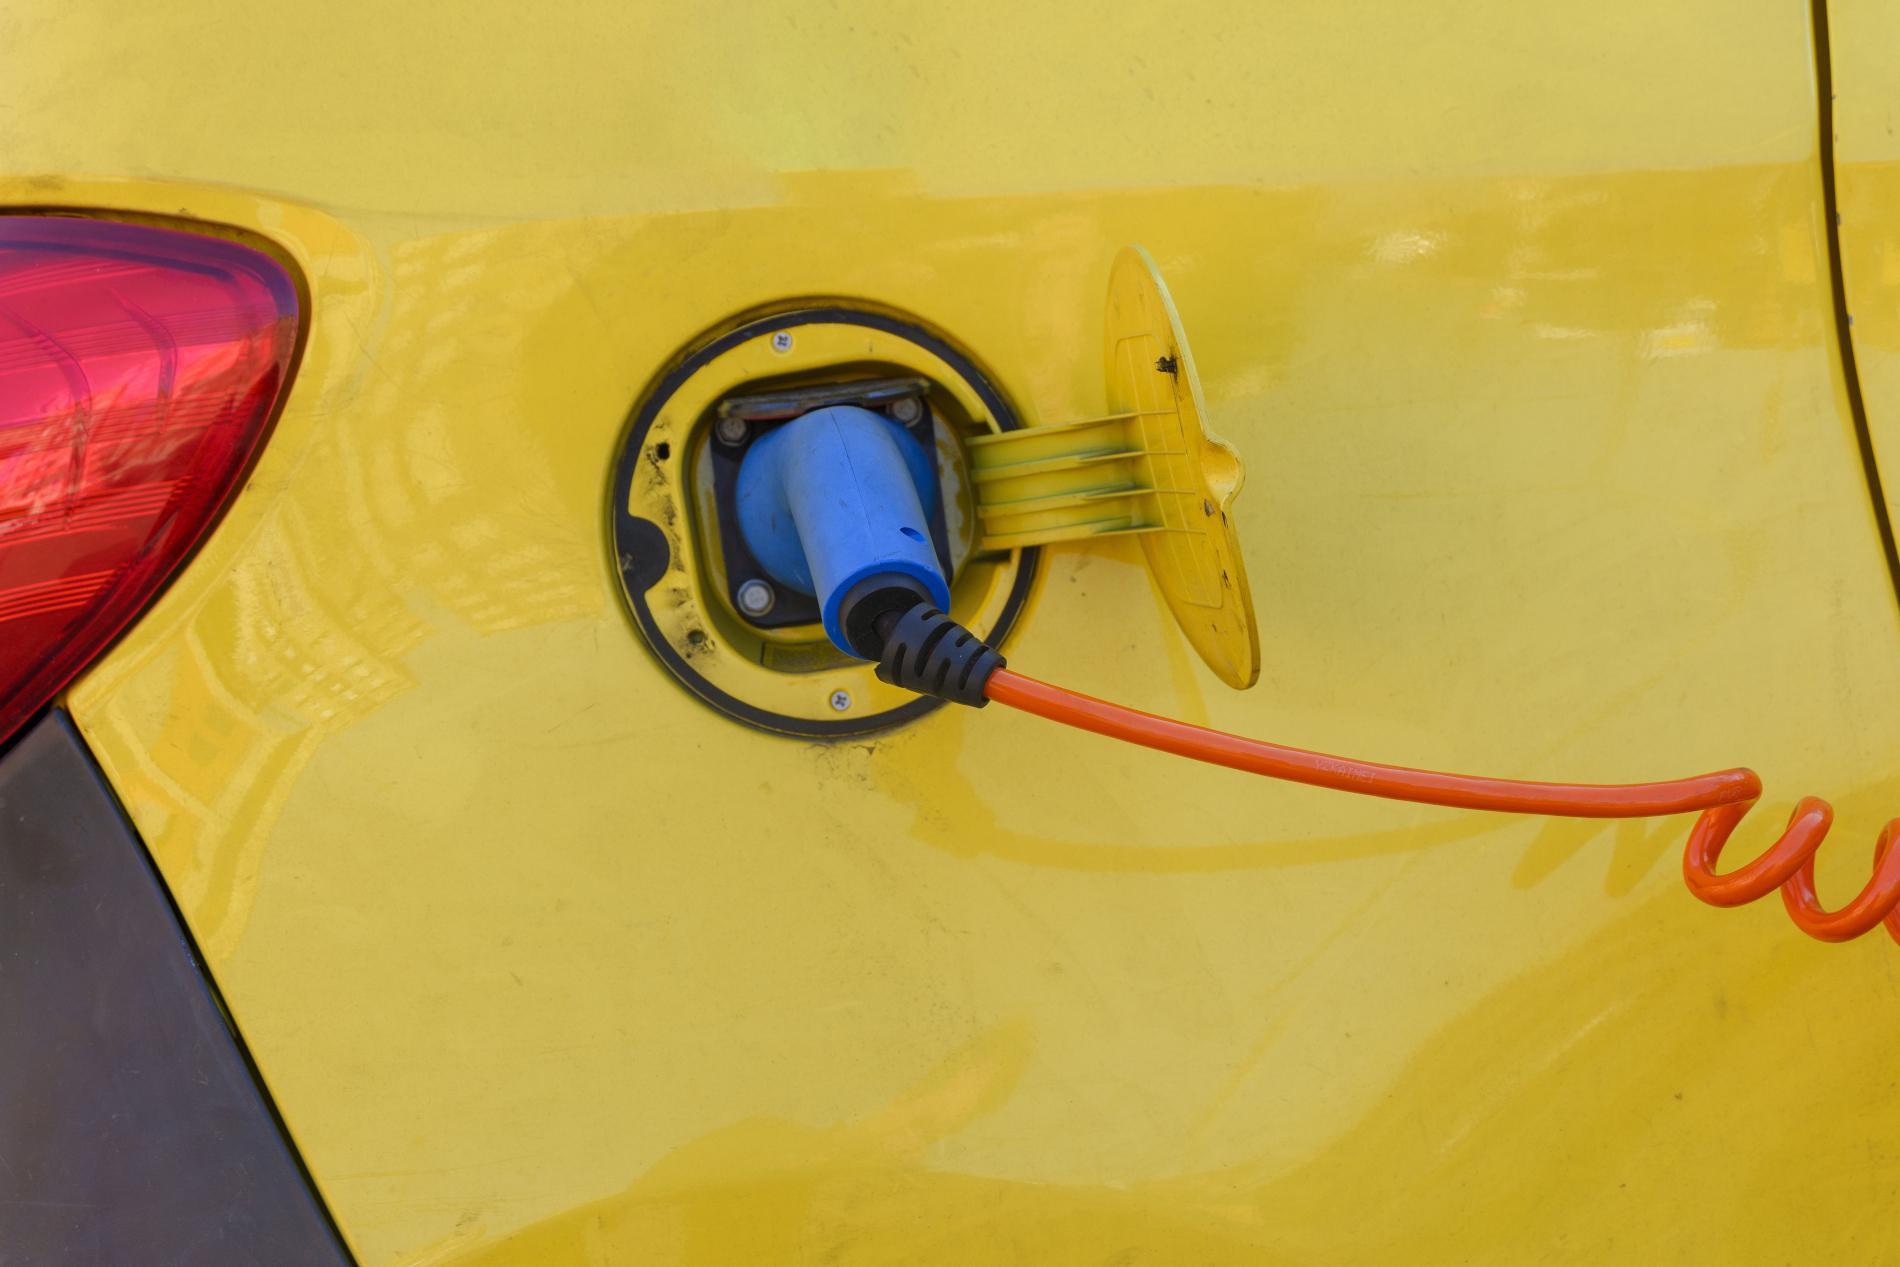 Auto elettrica in ricarica